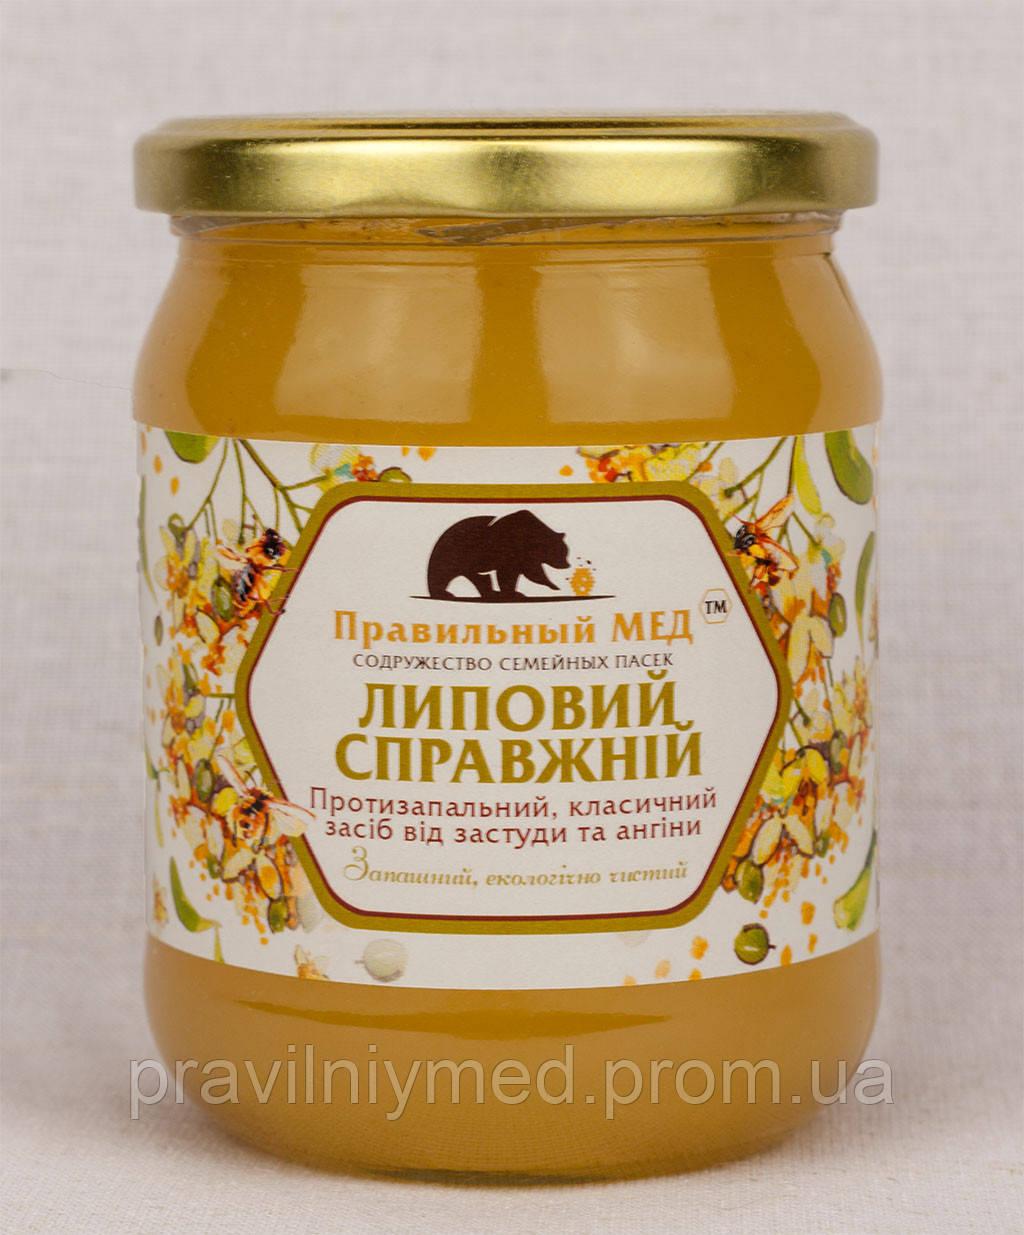 Мёд Майский. Весенний Полифлорный Мёд из Майских Первоцветов